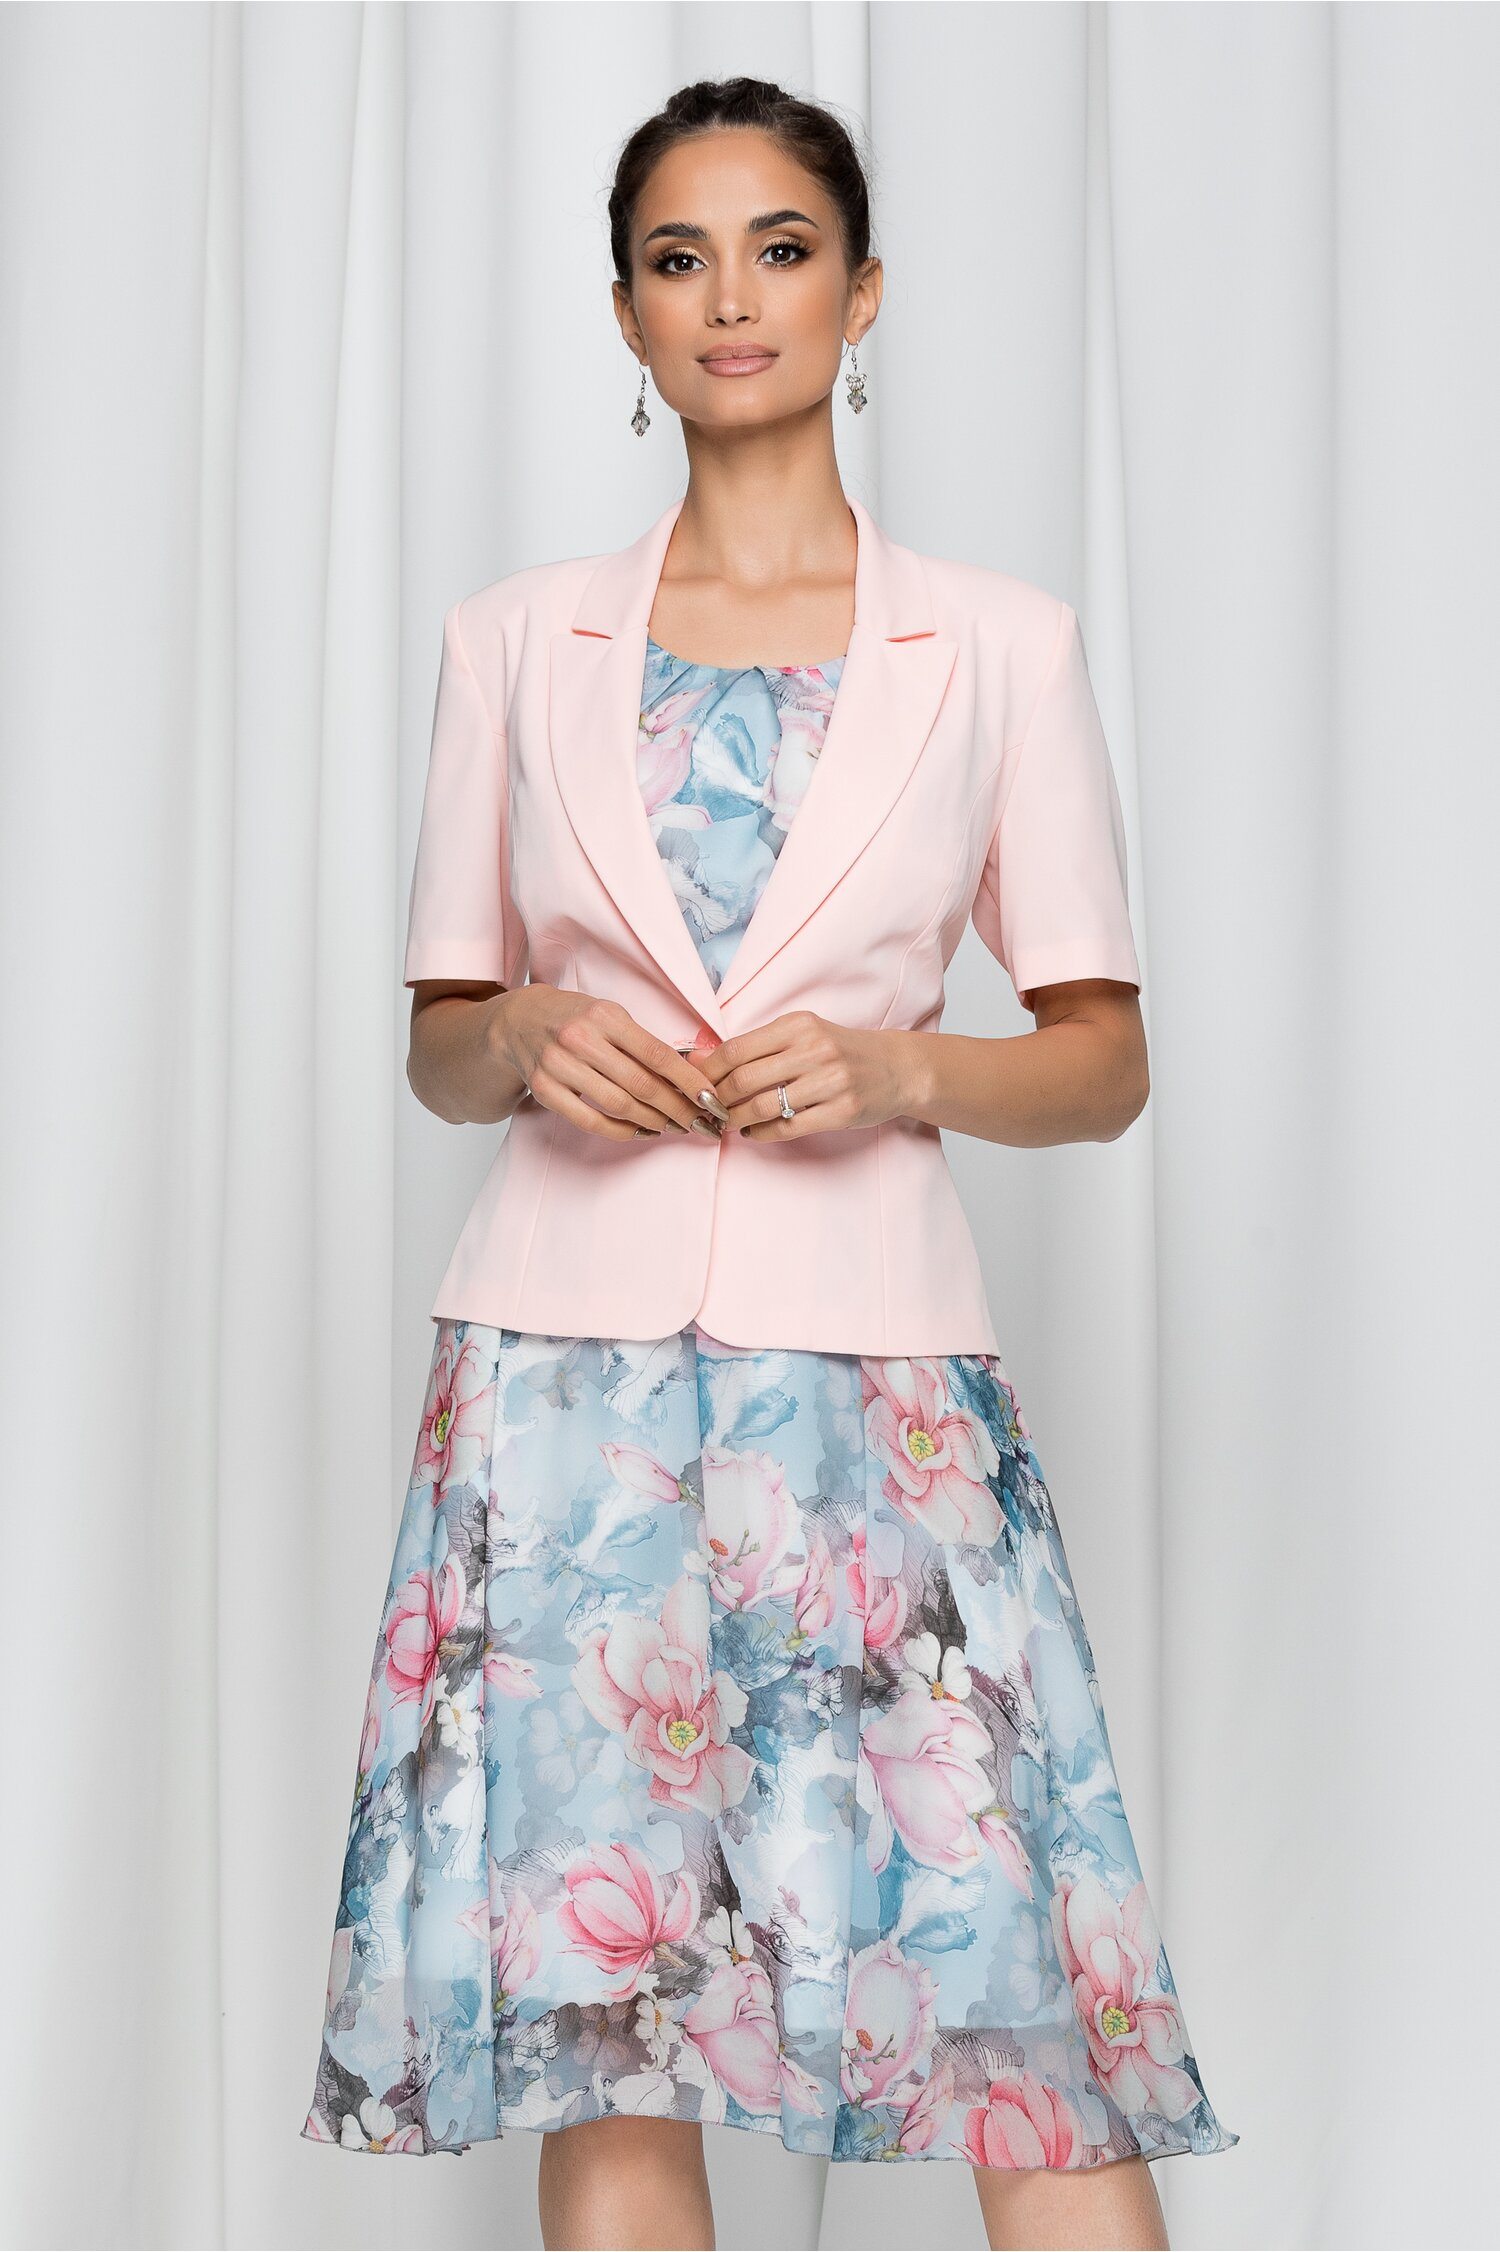 Compleu Anjelica cu sacou roz si rochie bleu cu imprimeu floral